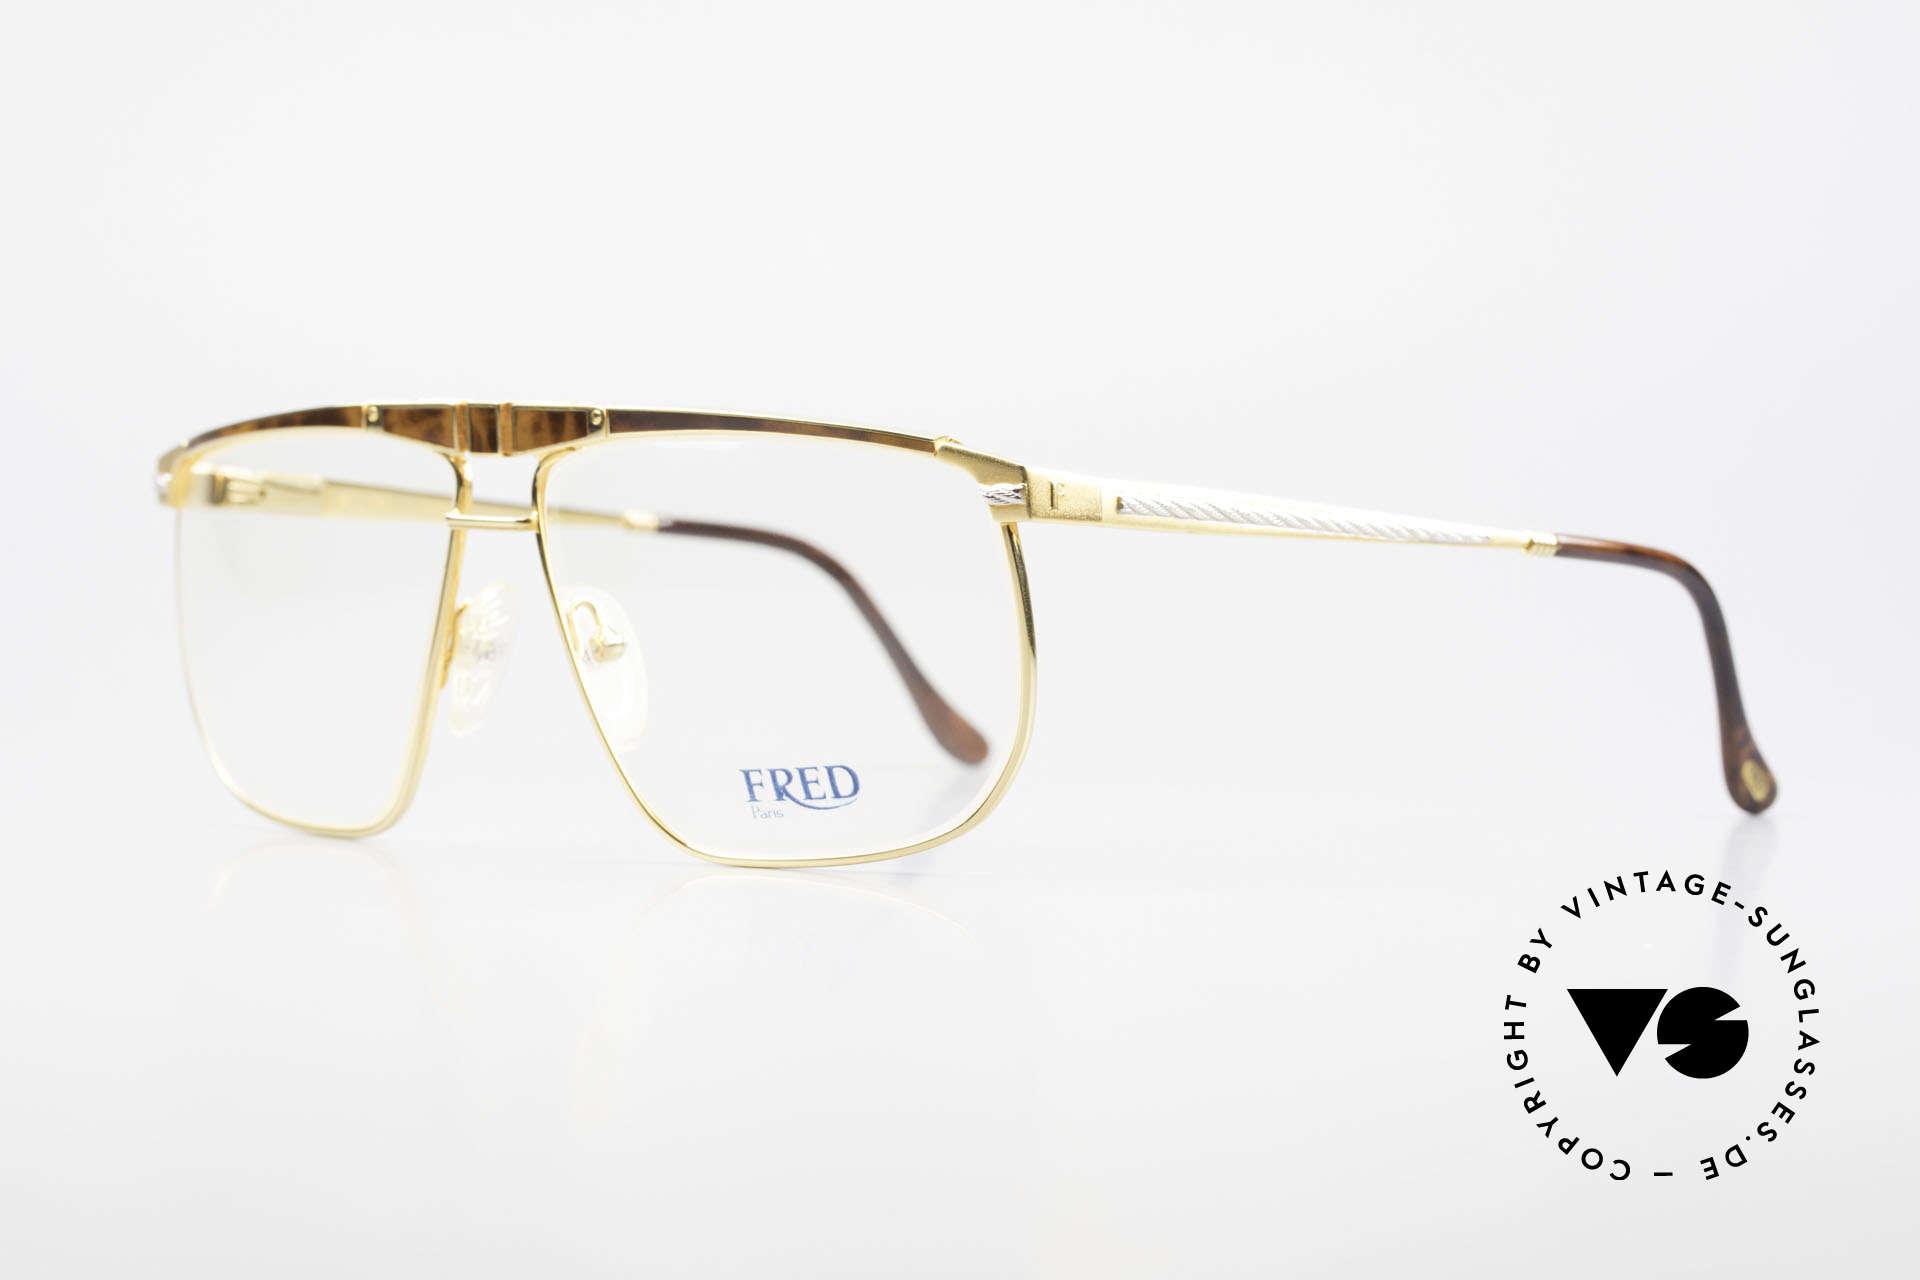 Fred Ocean Men's Luxury Glasses 22kt Gold, luxury eyeglasses (22ct gold-plated) for connoisseurs, Made for Men